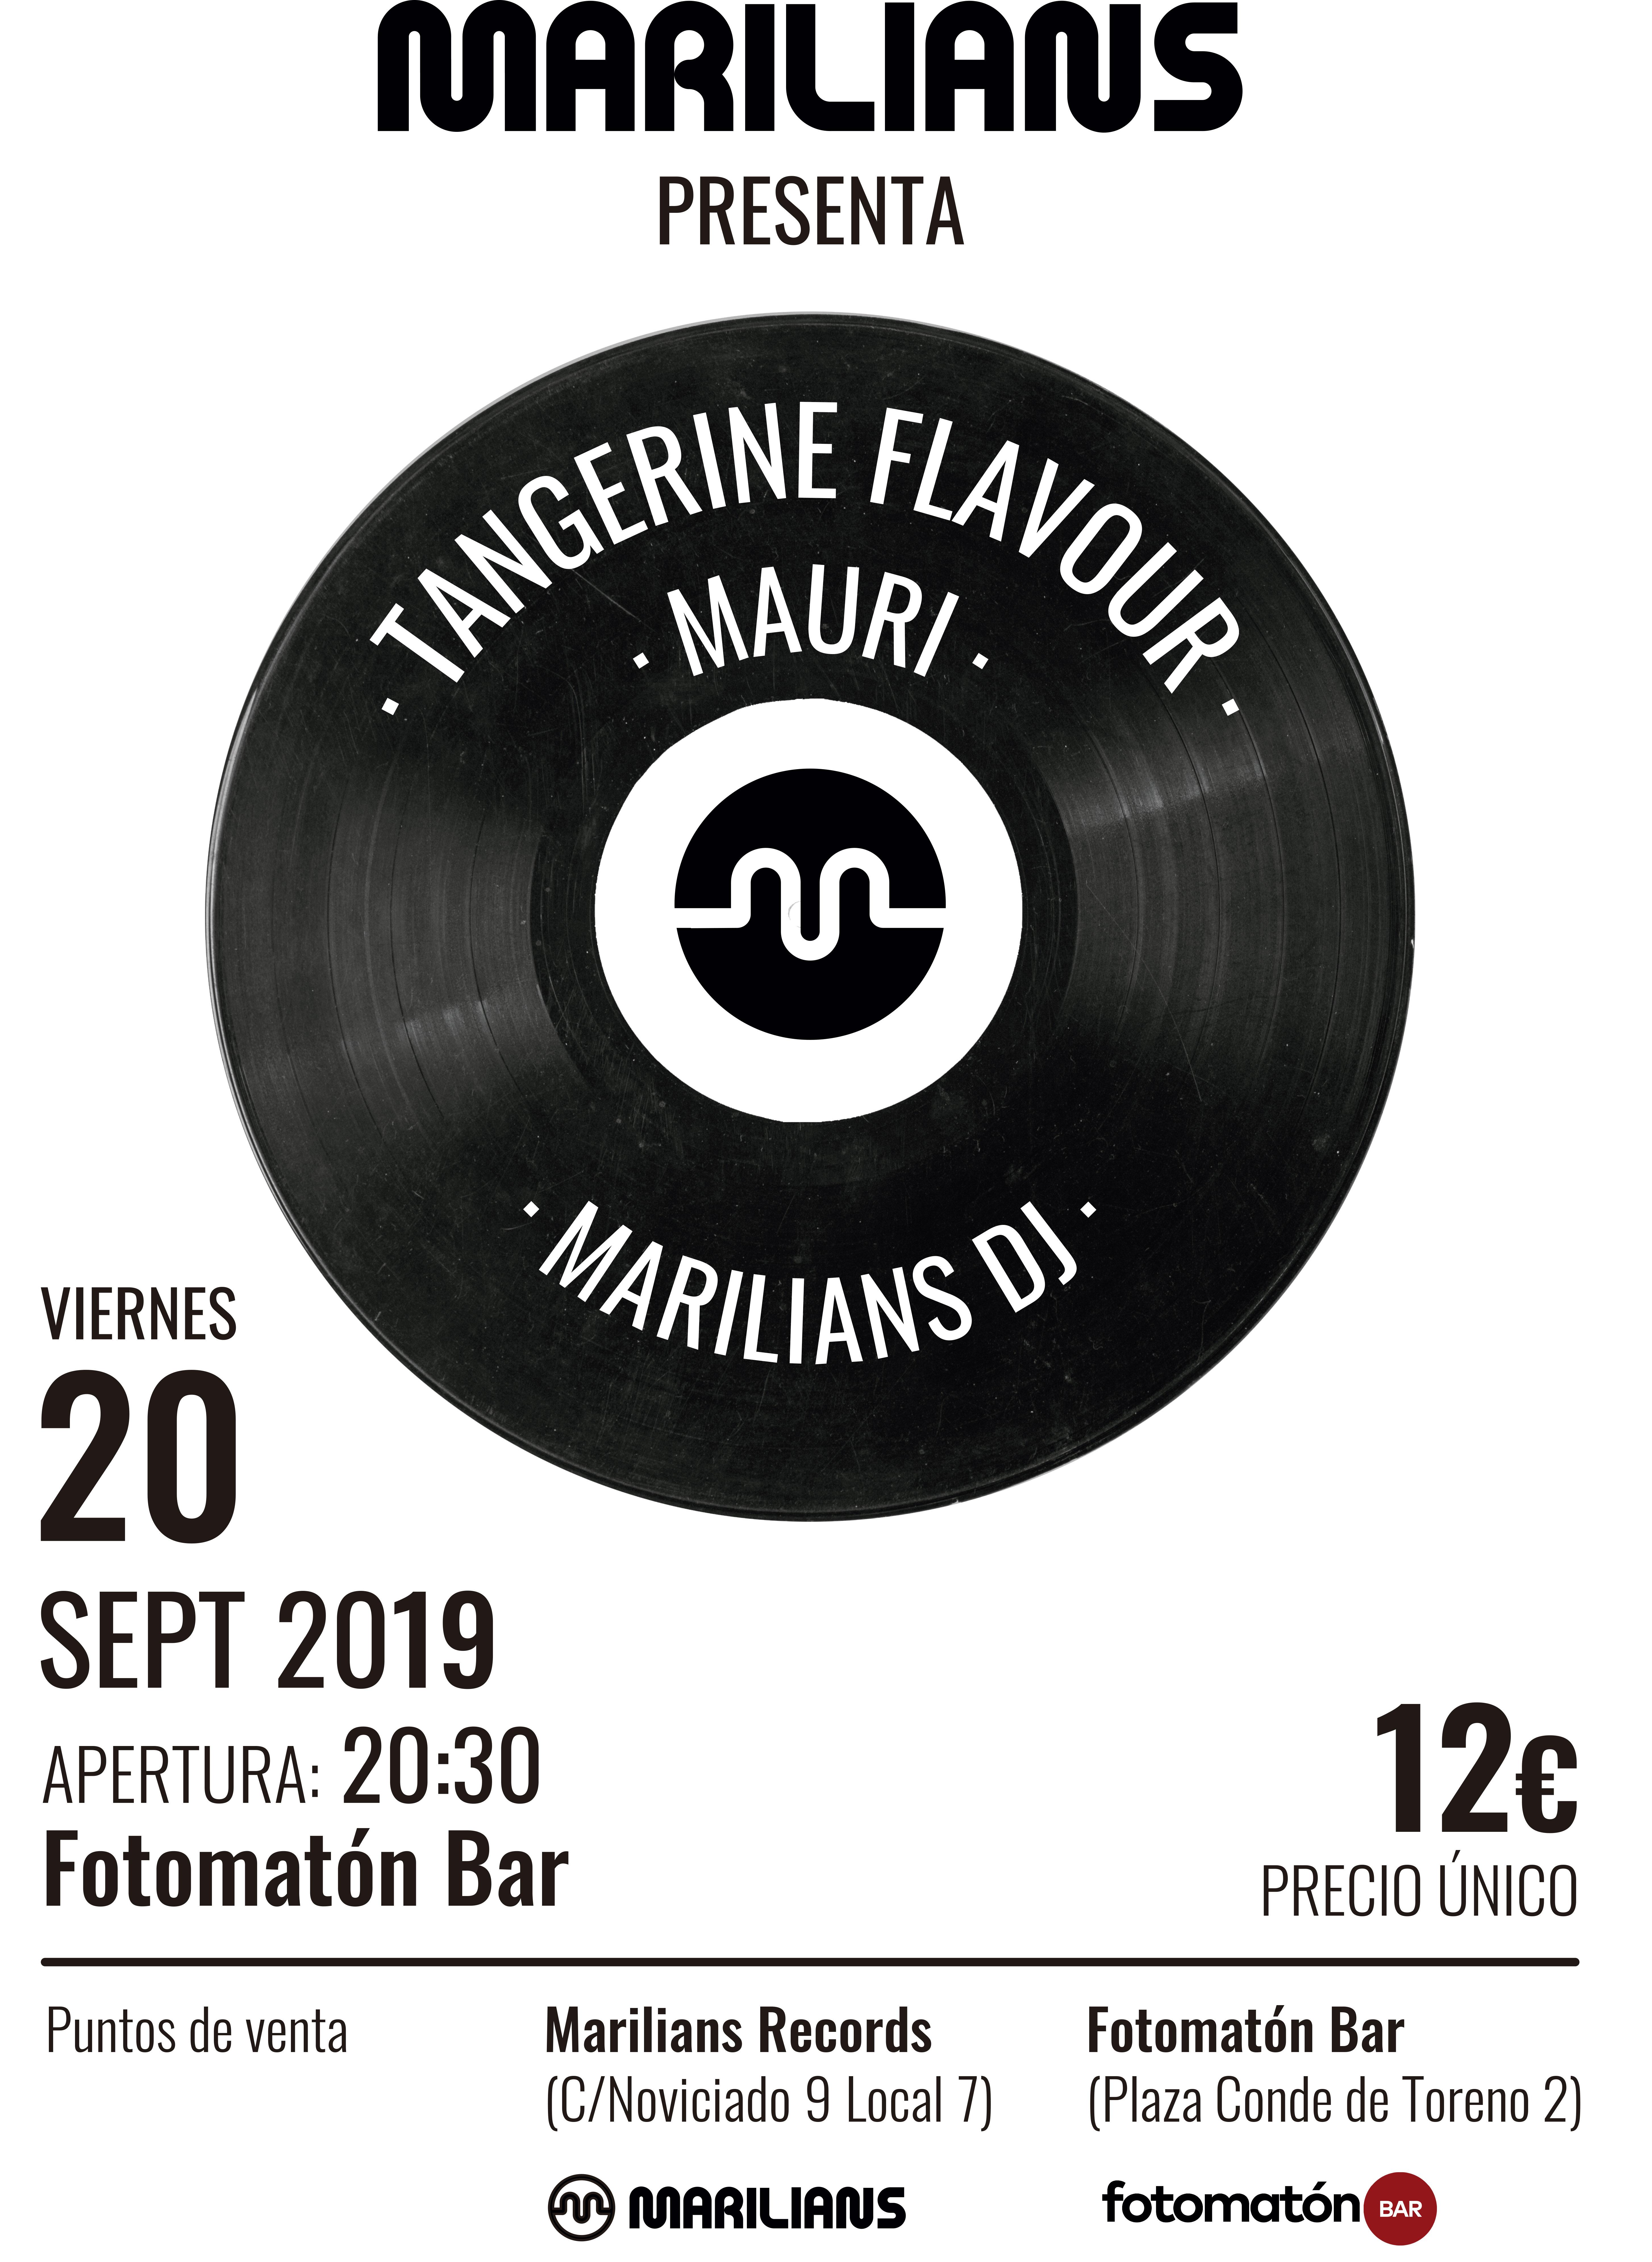 Marilians comienza la temporada acompañados de Tangerine Flavour y Mauri